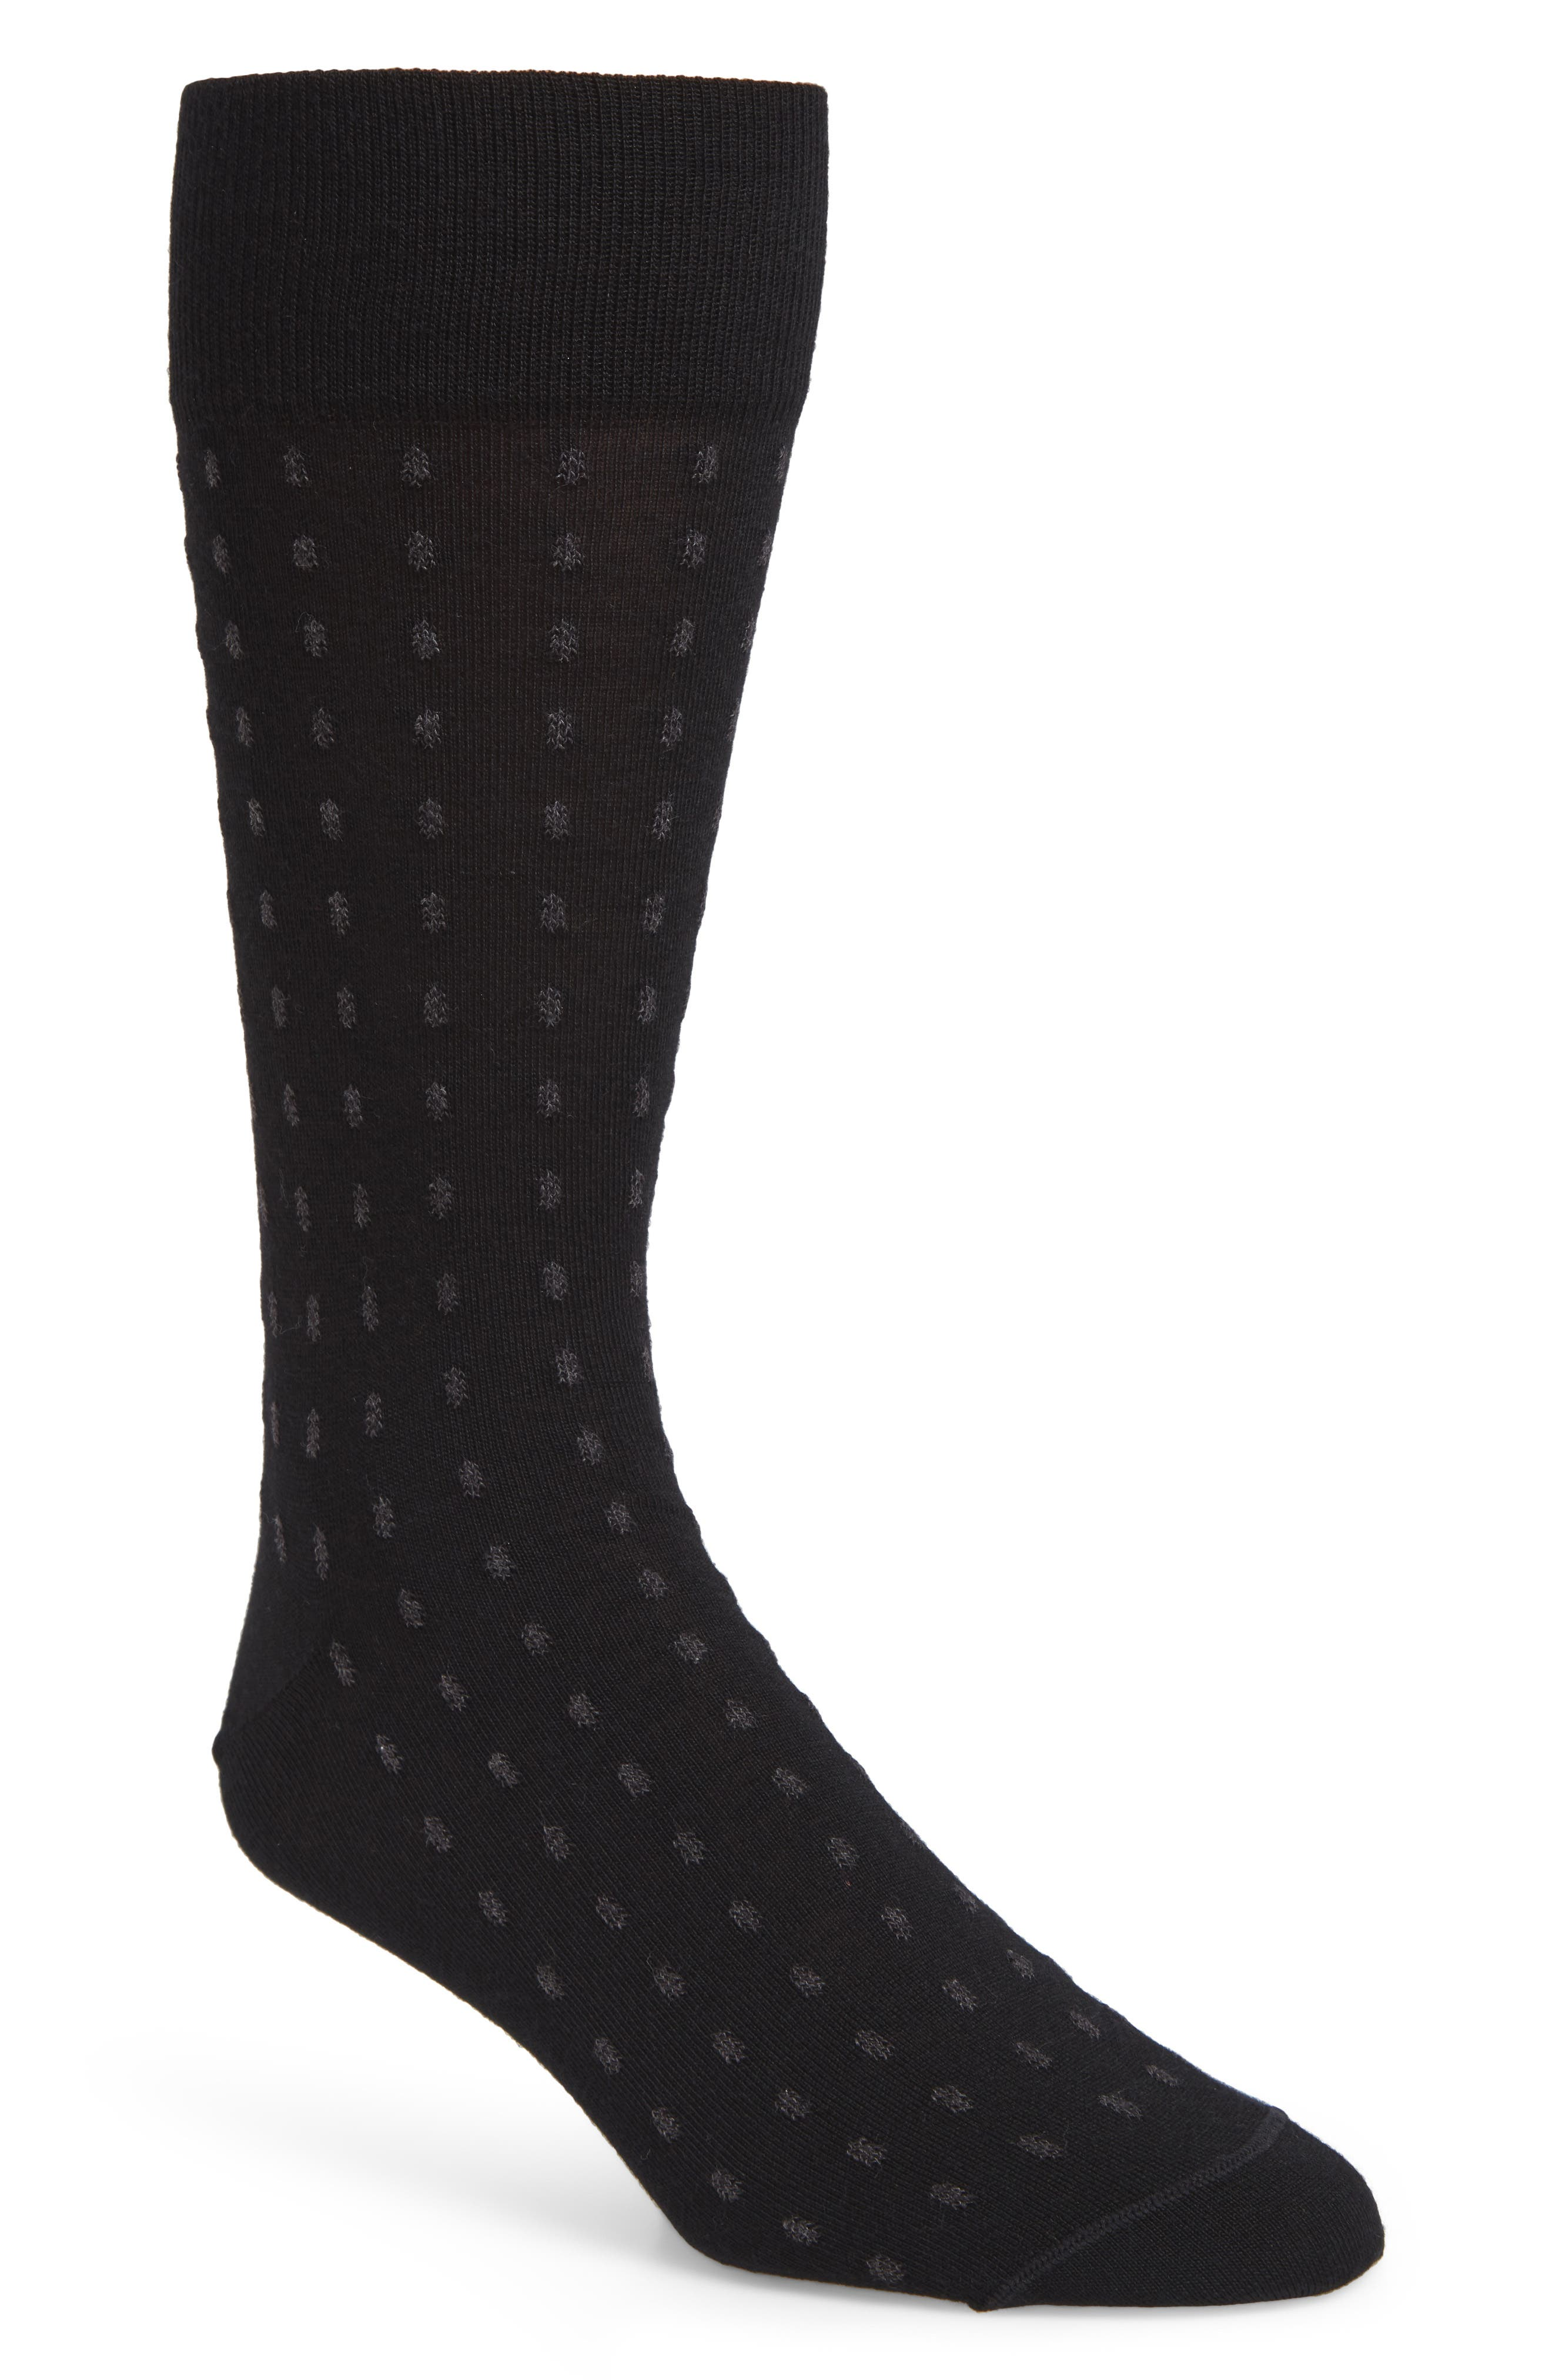 John W. Nordstrom Dot Merino Wool Blend Socks, Main, color, 021